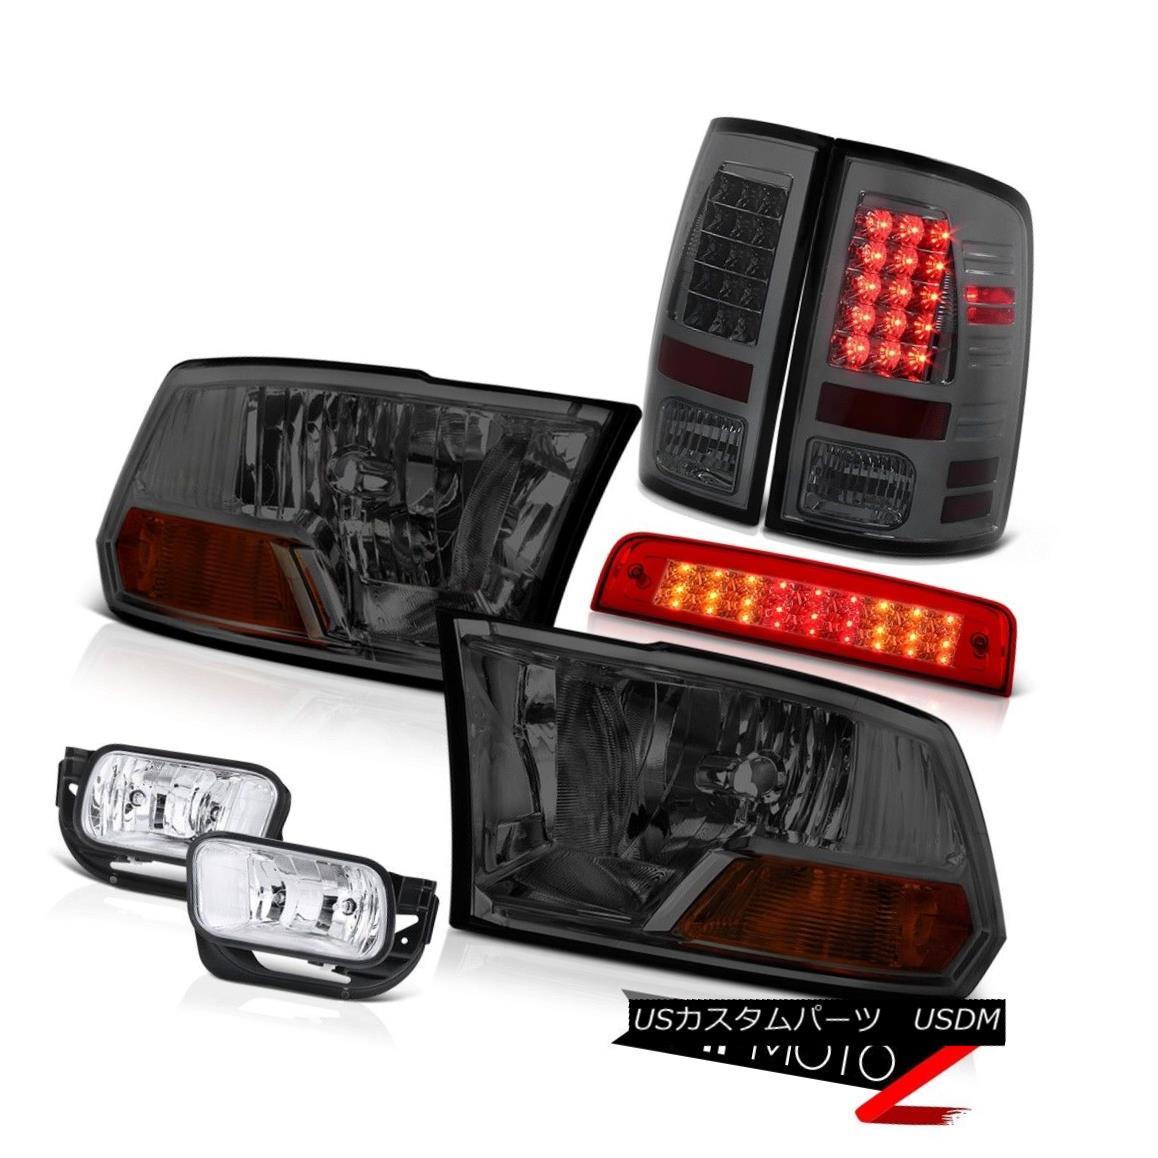 テールライト 09-13 Ram 1500 6.7L Wine Red Roof Cab Lamp Foglights Smokey Taillamps Headlamps 09-13ラム1500 6.7Lワインレッドキャビネットランプフォグライトスモーキータイランプヘッドランプ